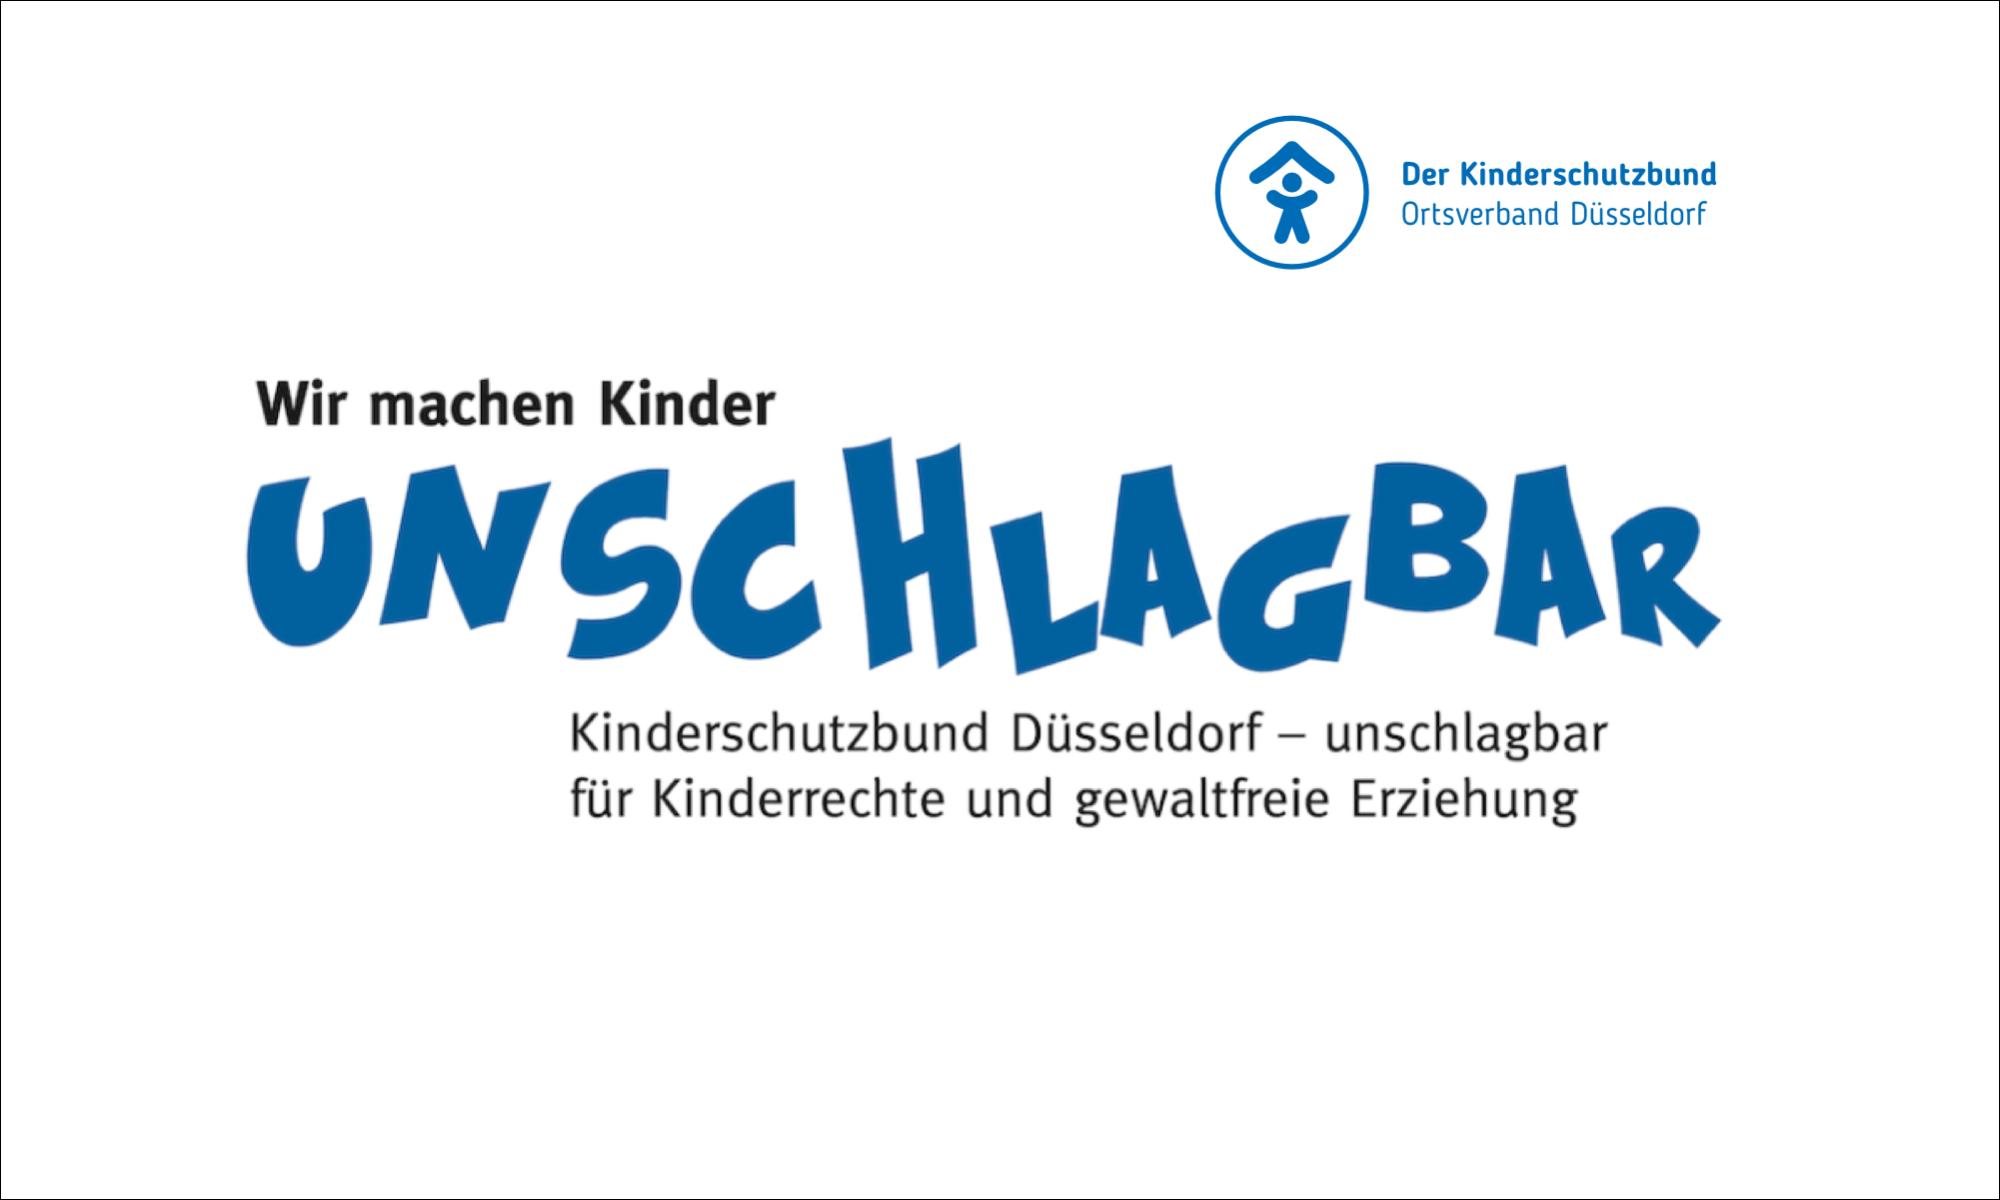 Der Kinderschutzbund